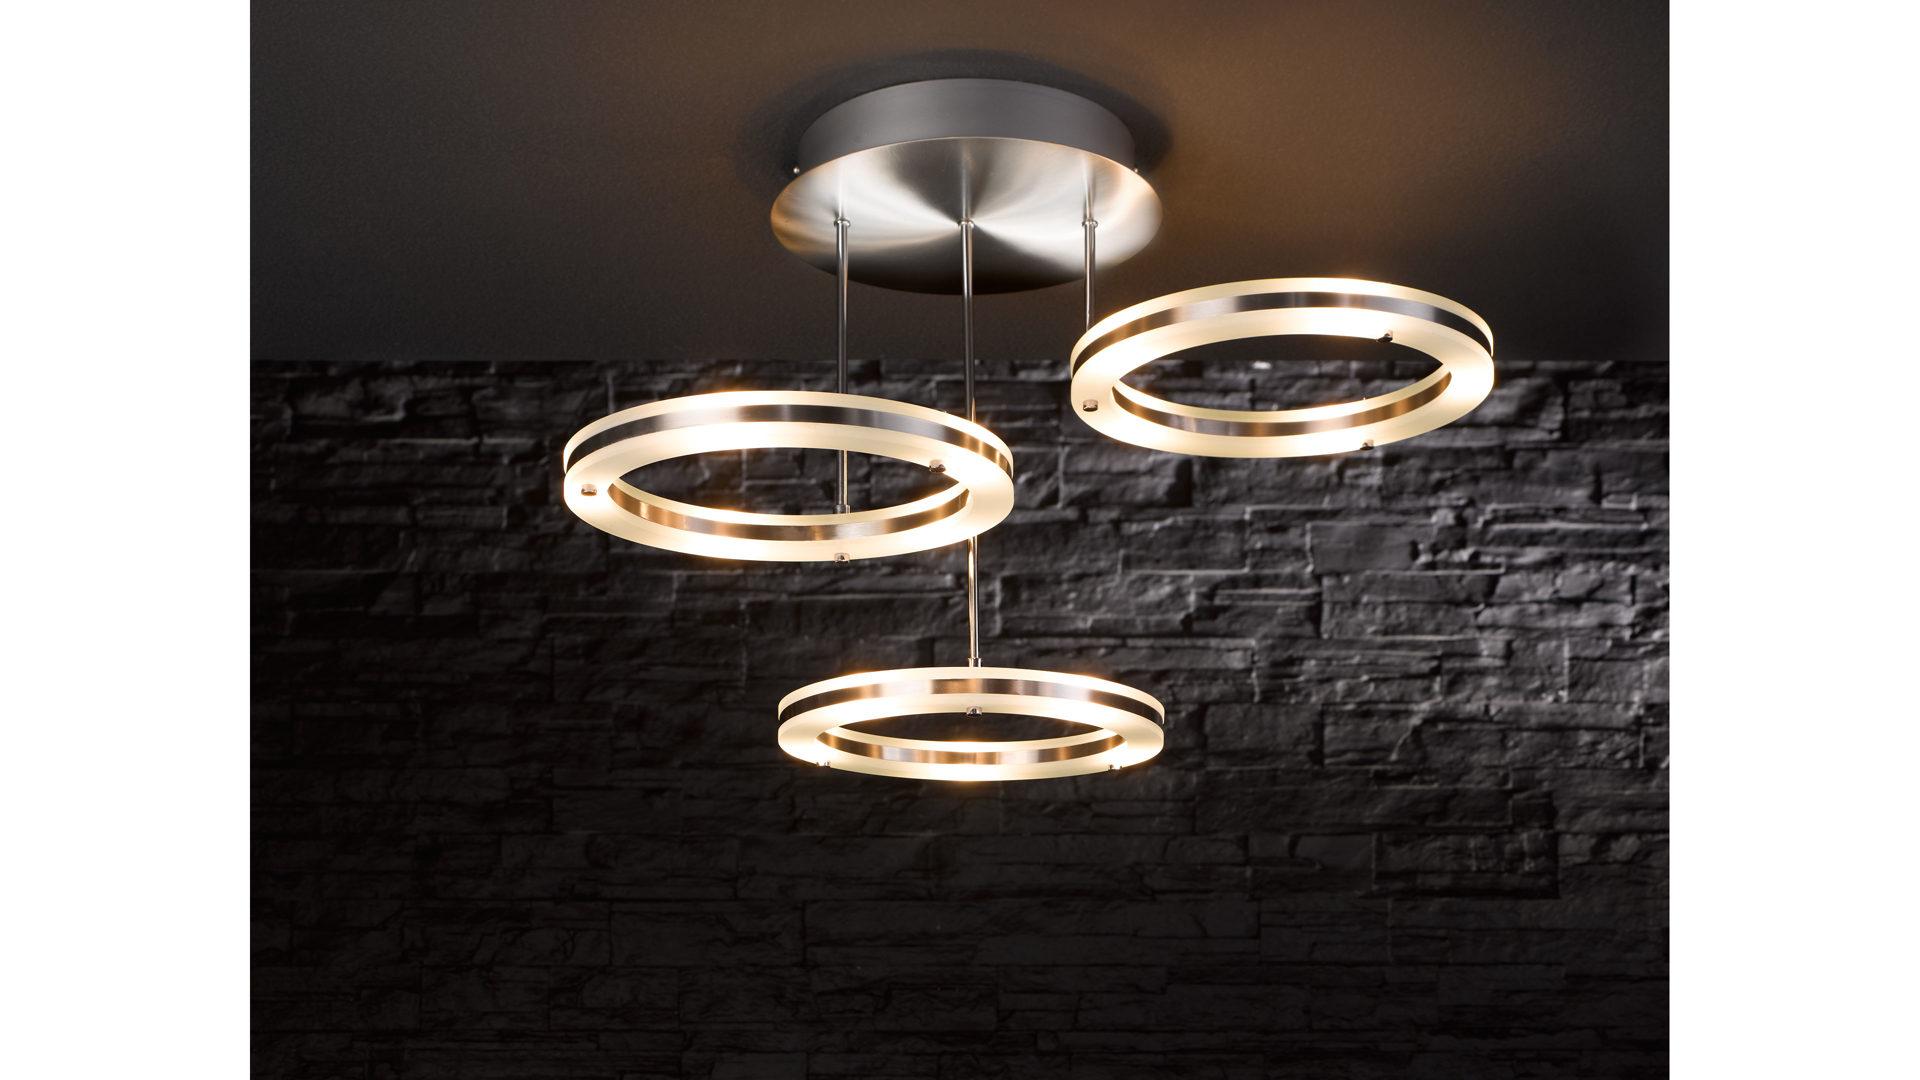 Wohnland Breitwieser | Räume | Schlafzimmer | Lampen + Leuchten ...